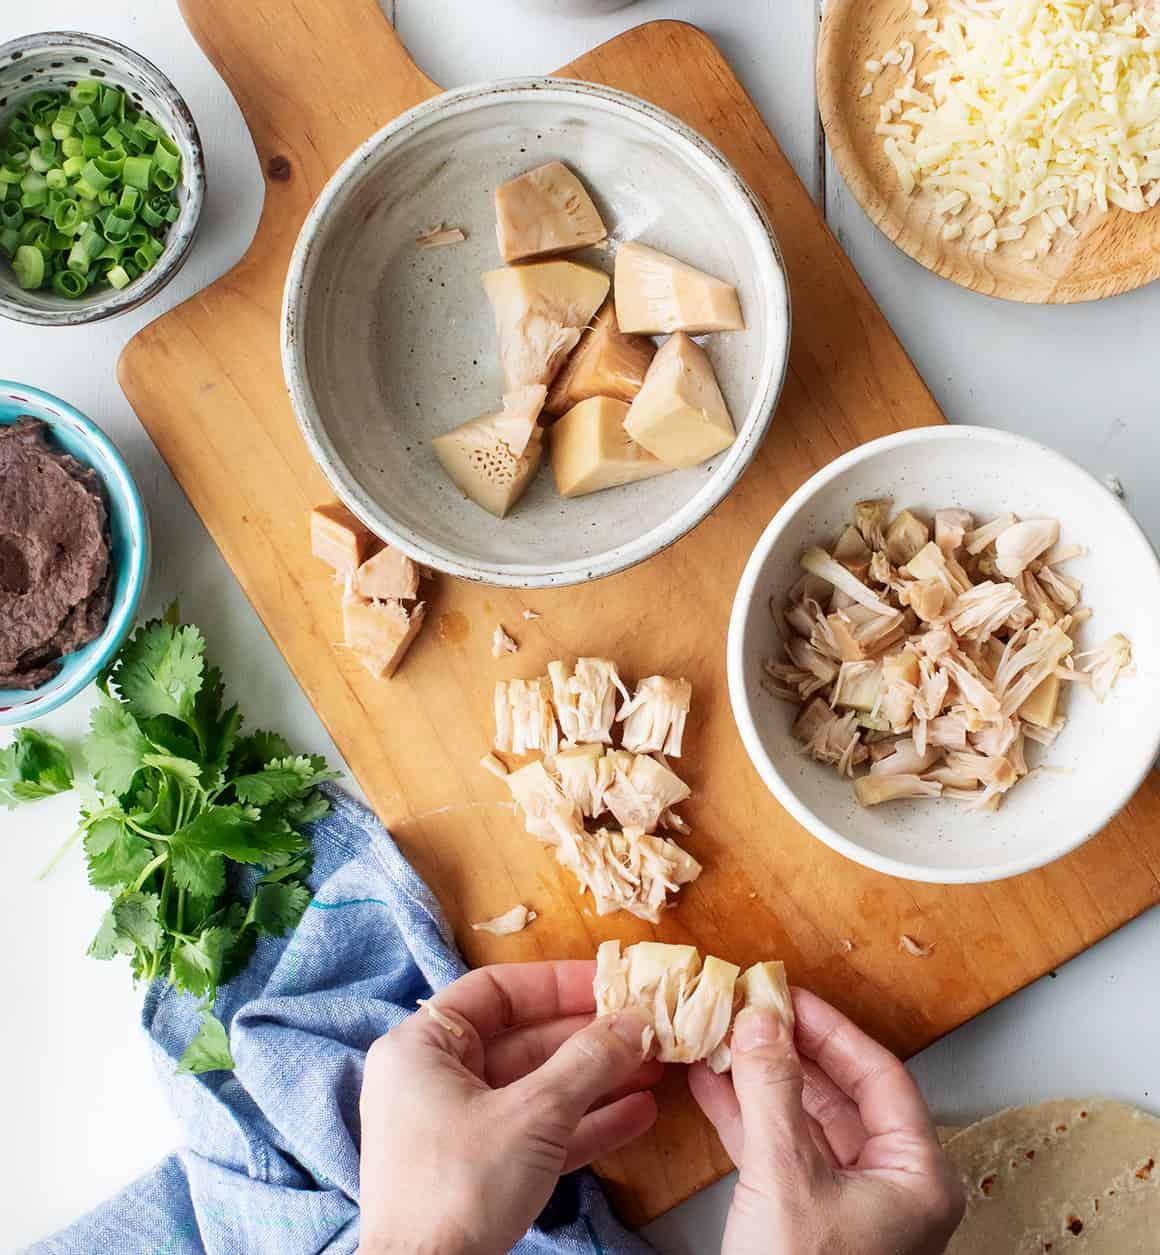 Taquitos Recipe Ingredients